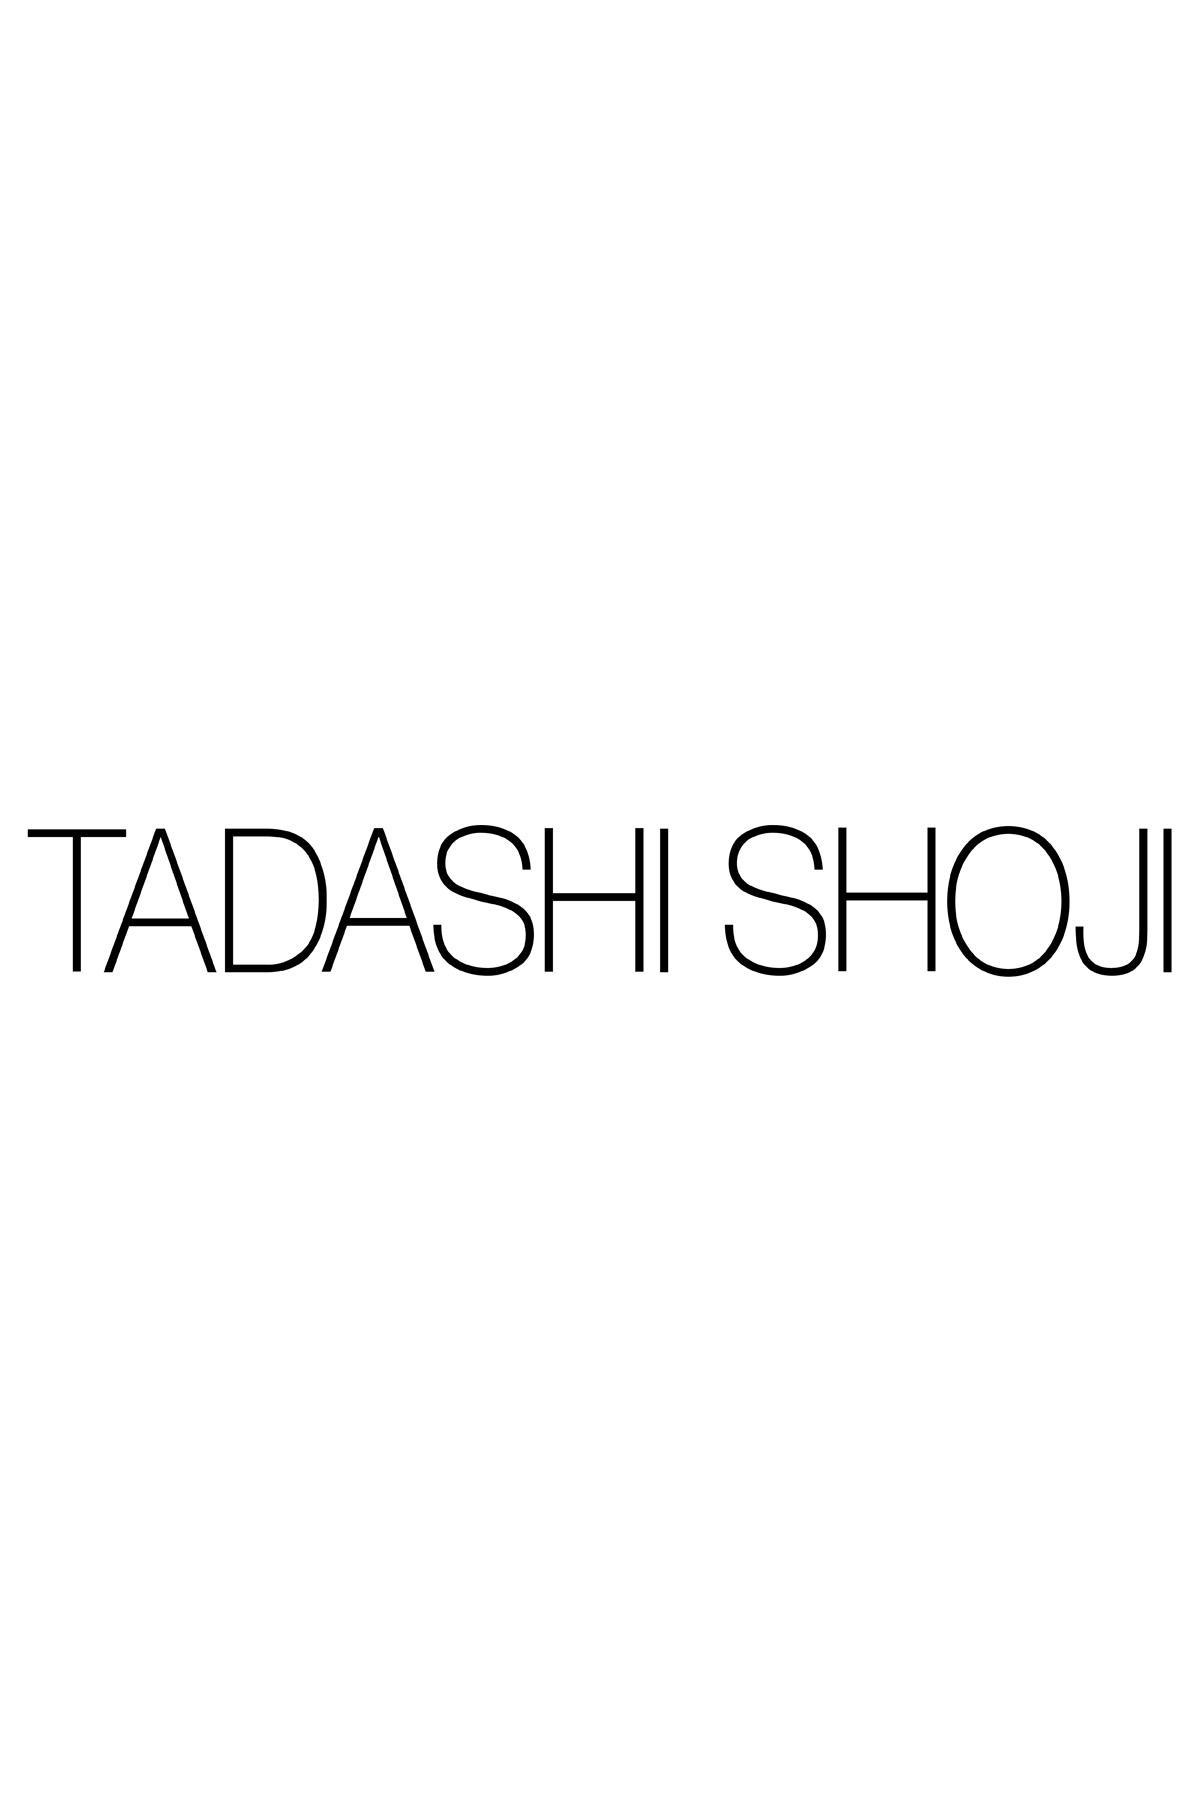 Tadashi Shoji - Blouson Waist Embroidered Lace Dress